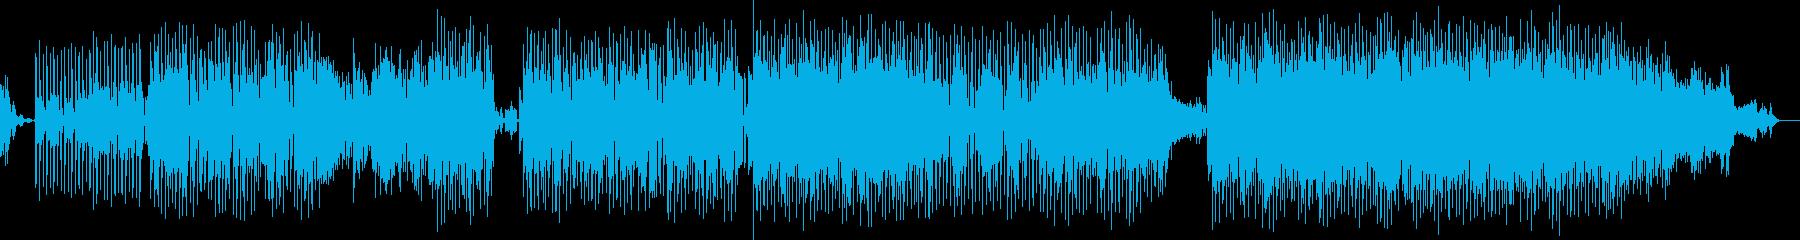 エレクトロニック、男性ボーカル。パ...の再生済みの波形